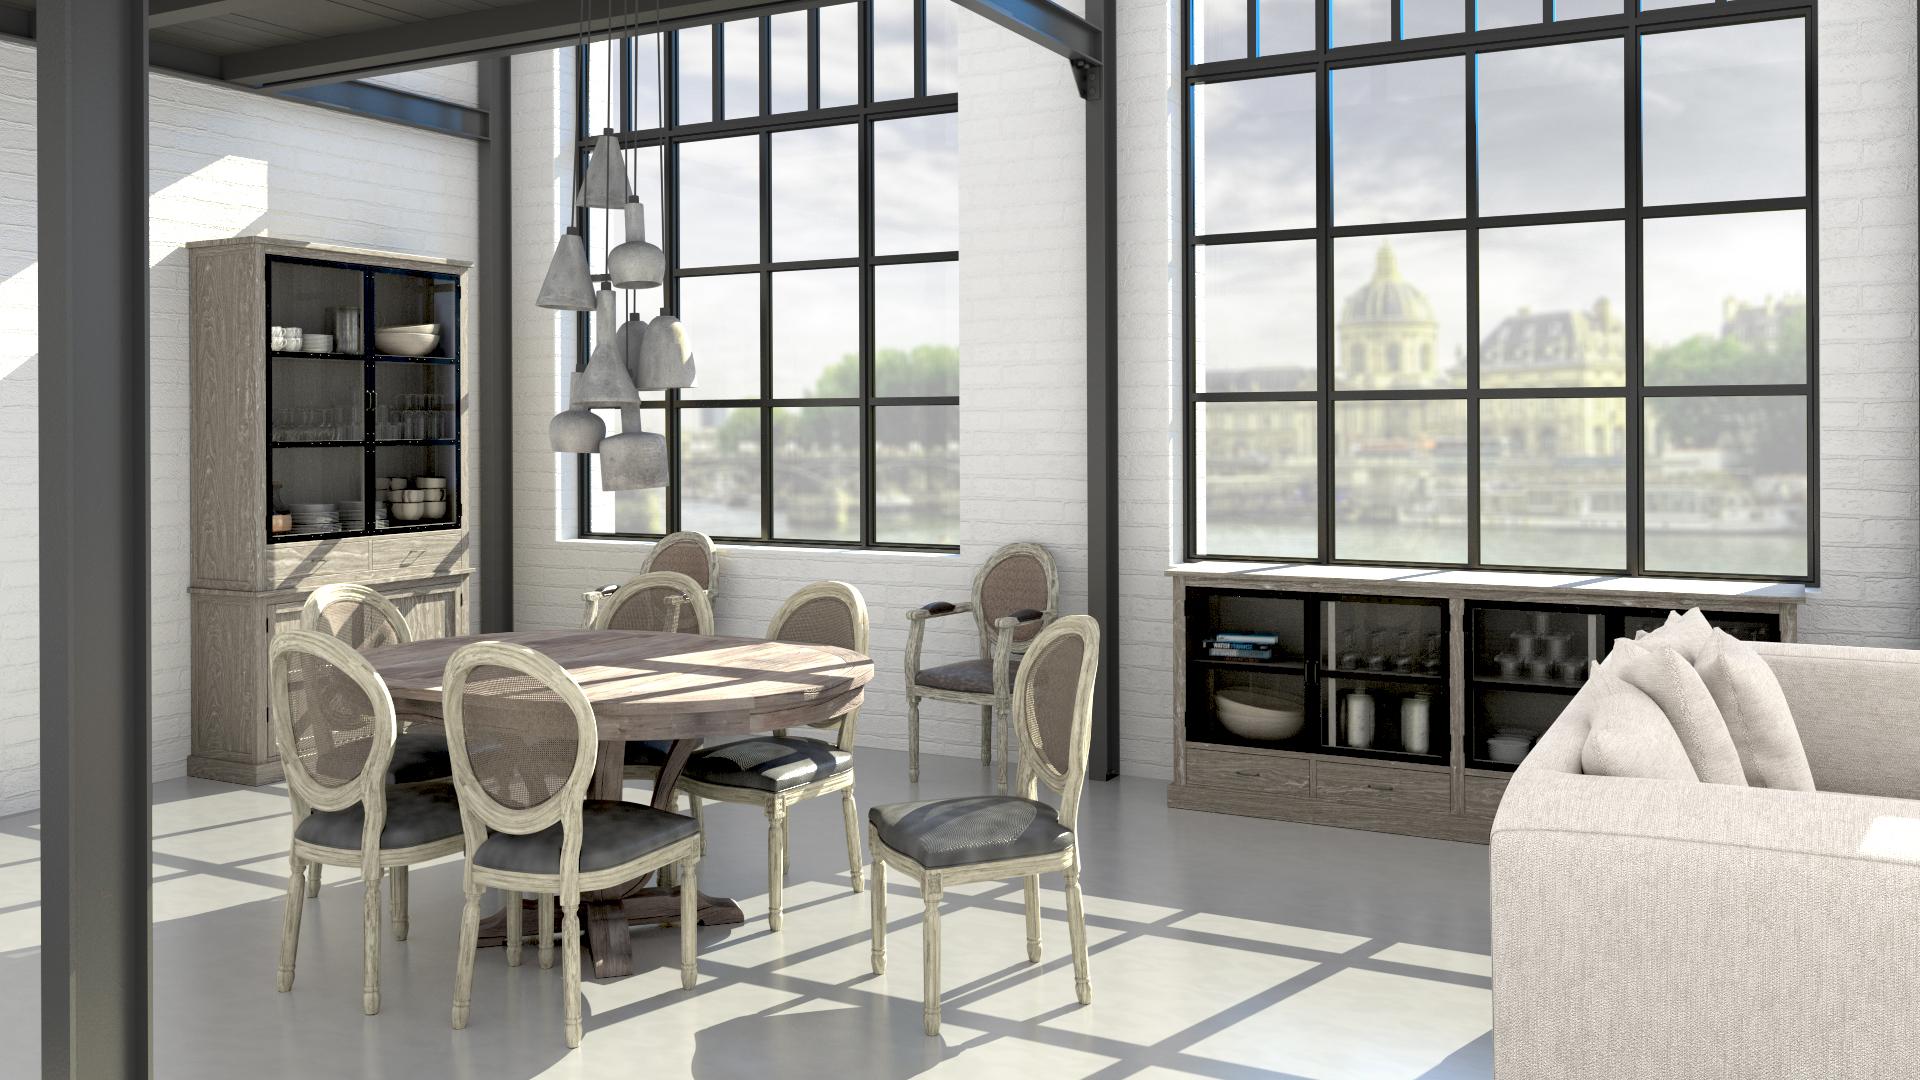 Le blog mobiliermoss cr er un coin repas convivial etape 2 l lot de cuisine - Salle a manger tendance ...